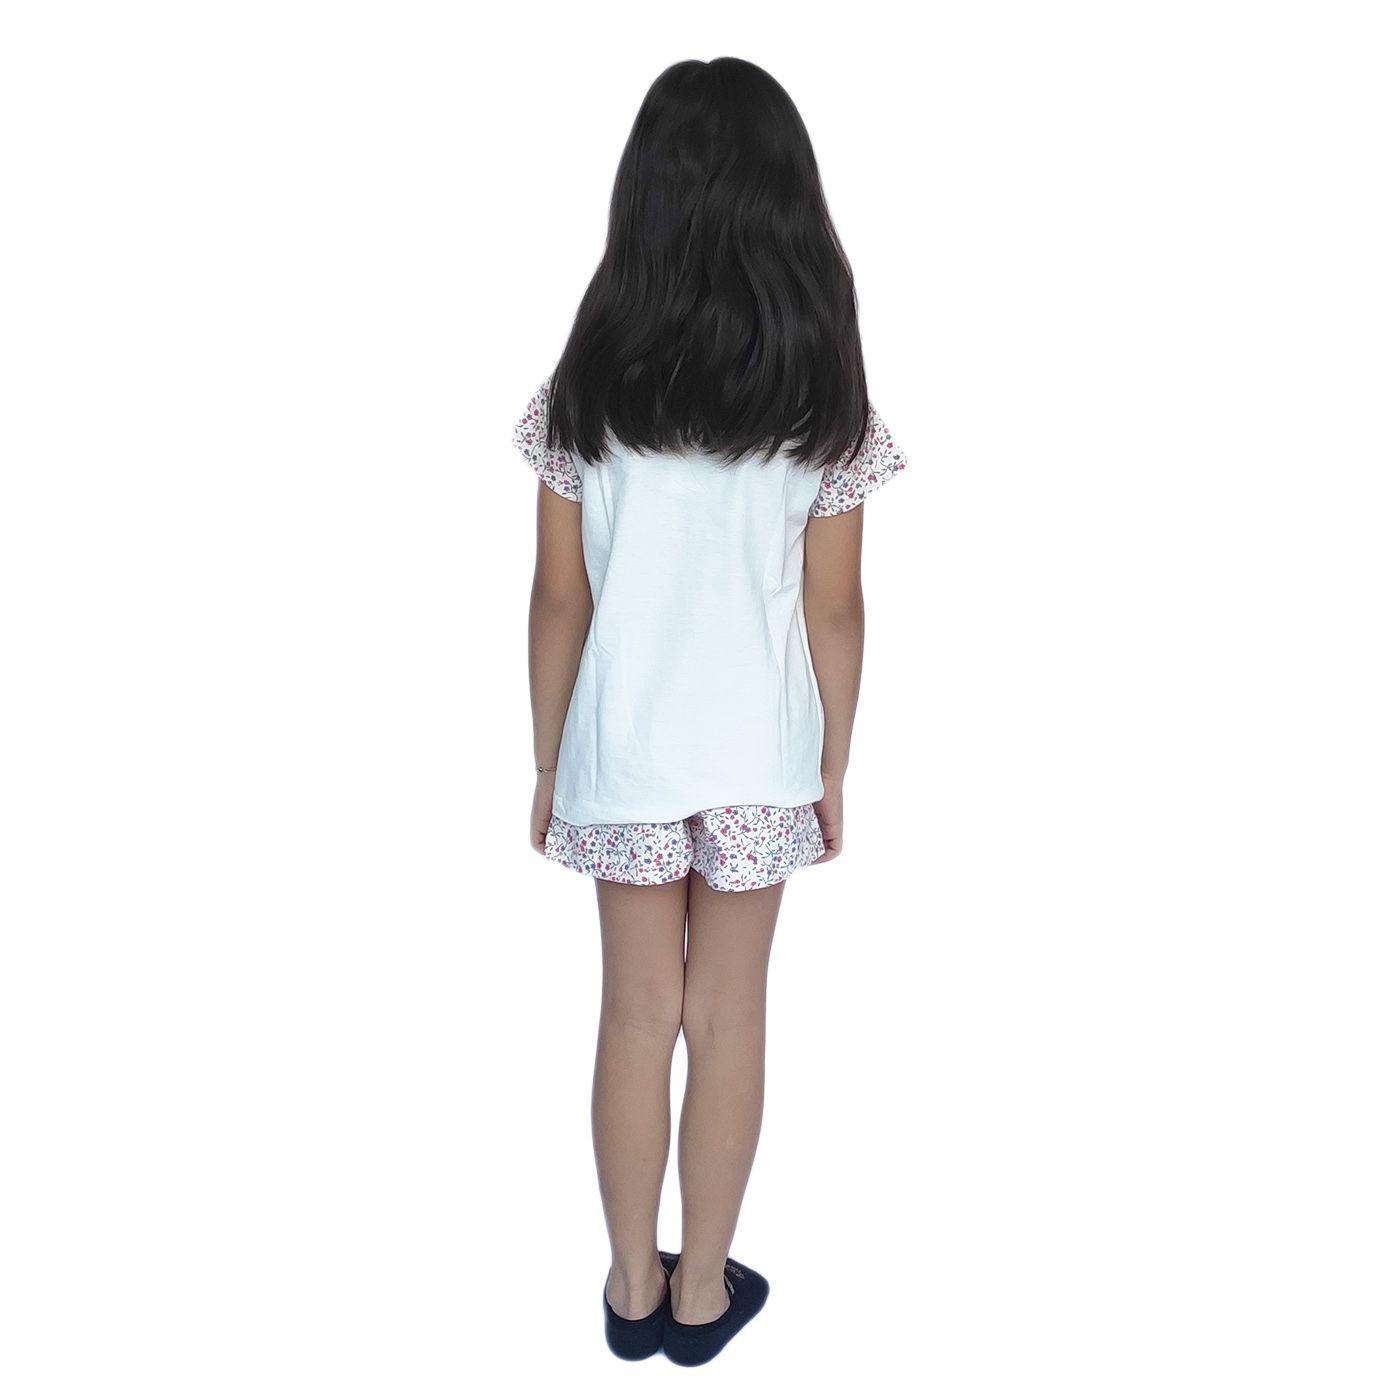 Pijama infantil menina calor short blusa manga algodão